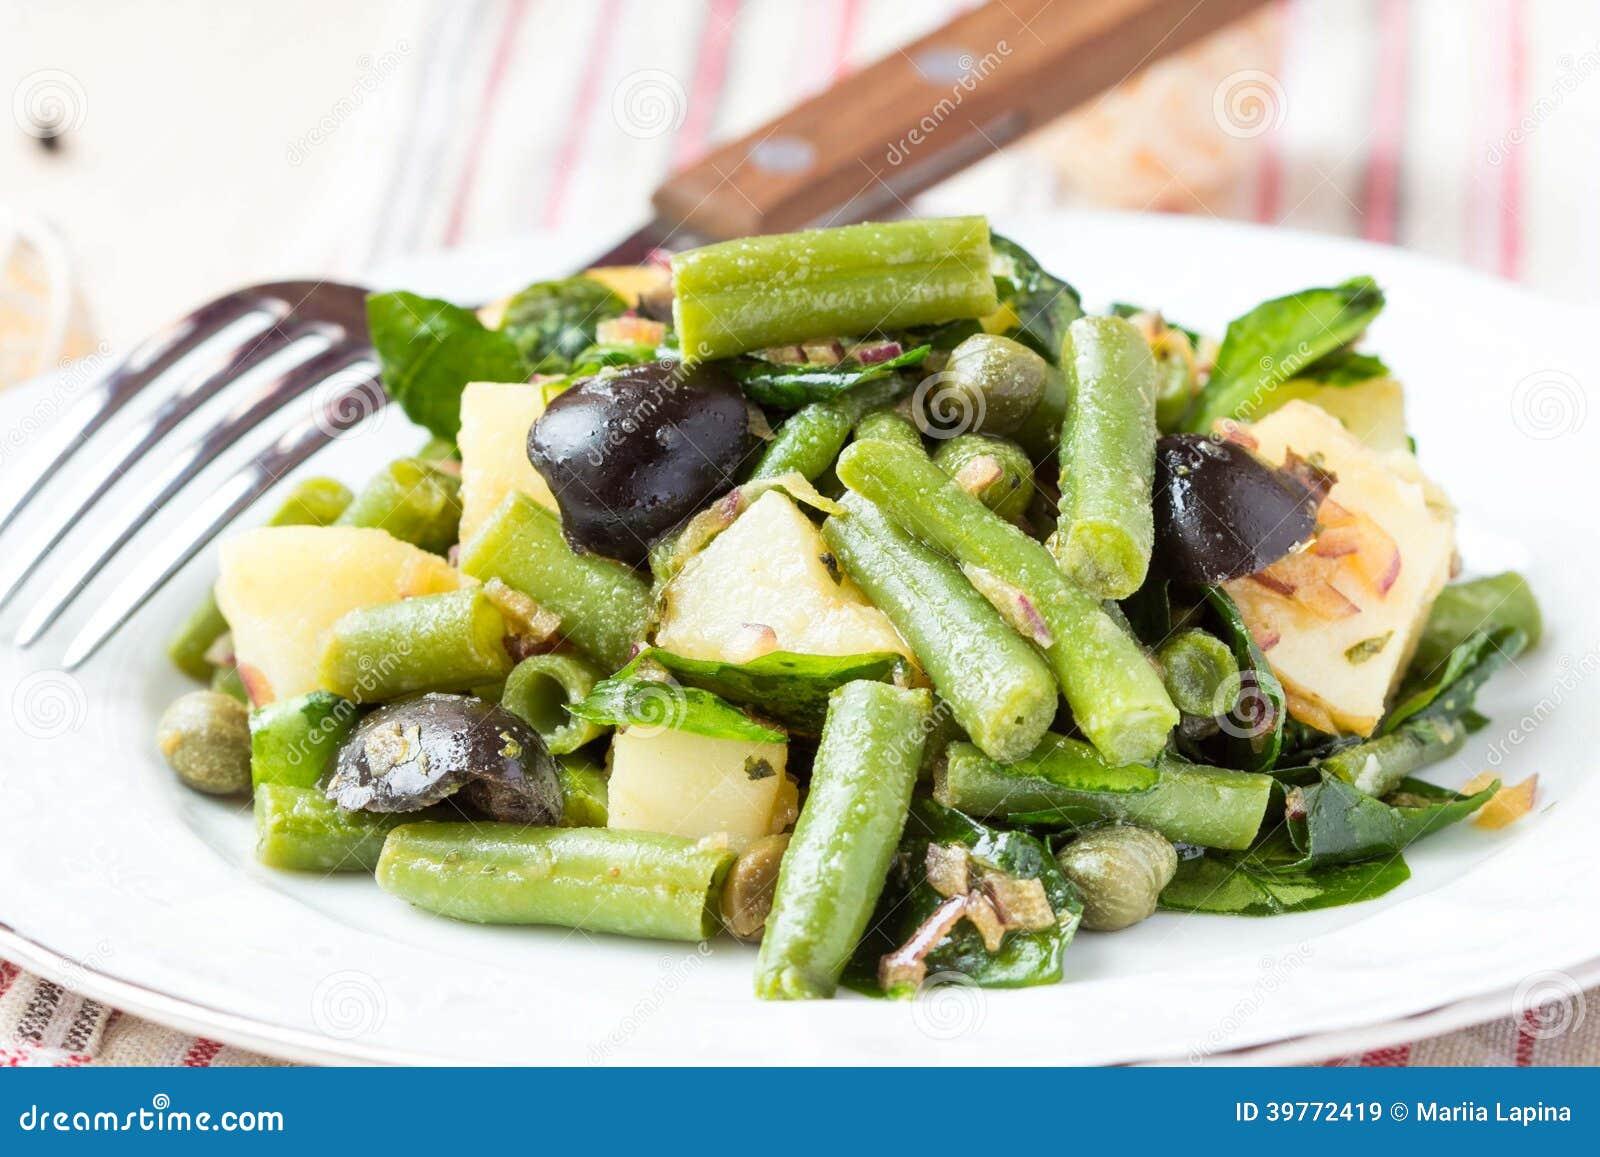 salade de pomme de terre avec les haricots verts olives c pres oignons d licieux image stock. Black Bedroom Furniture Sets. Home Design Ideas